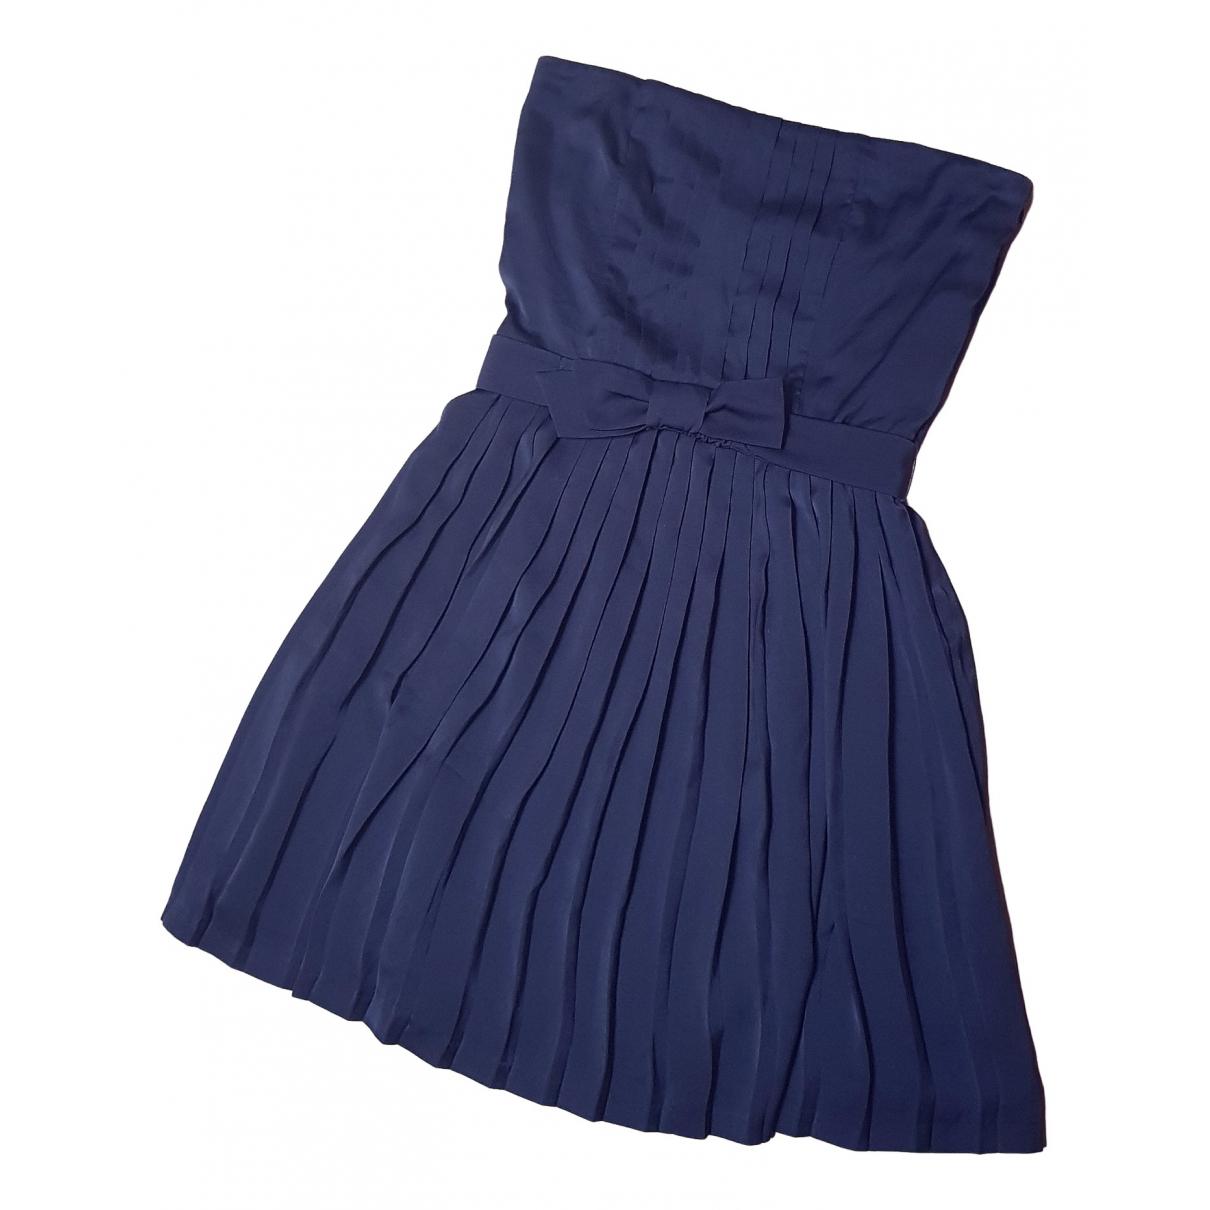 Sandro \N Blue dress for Women 38 FR